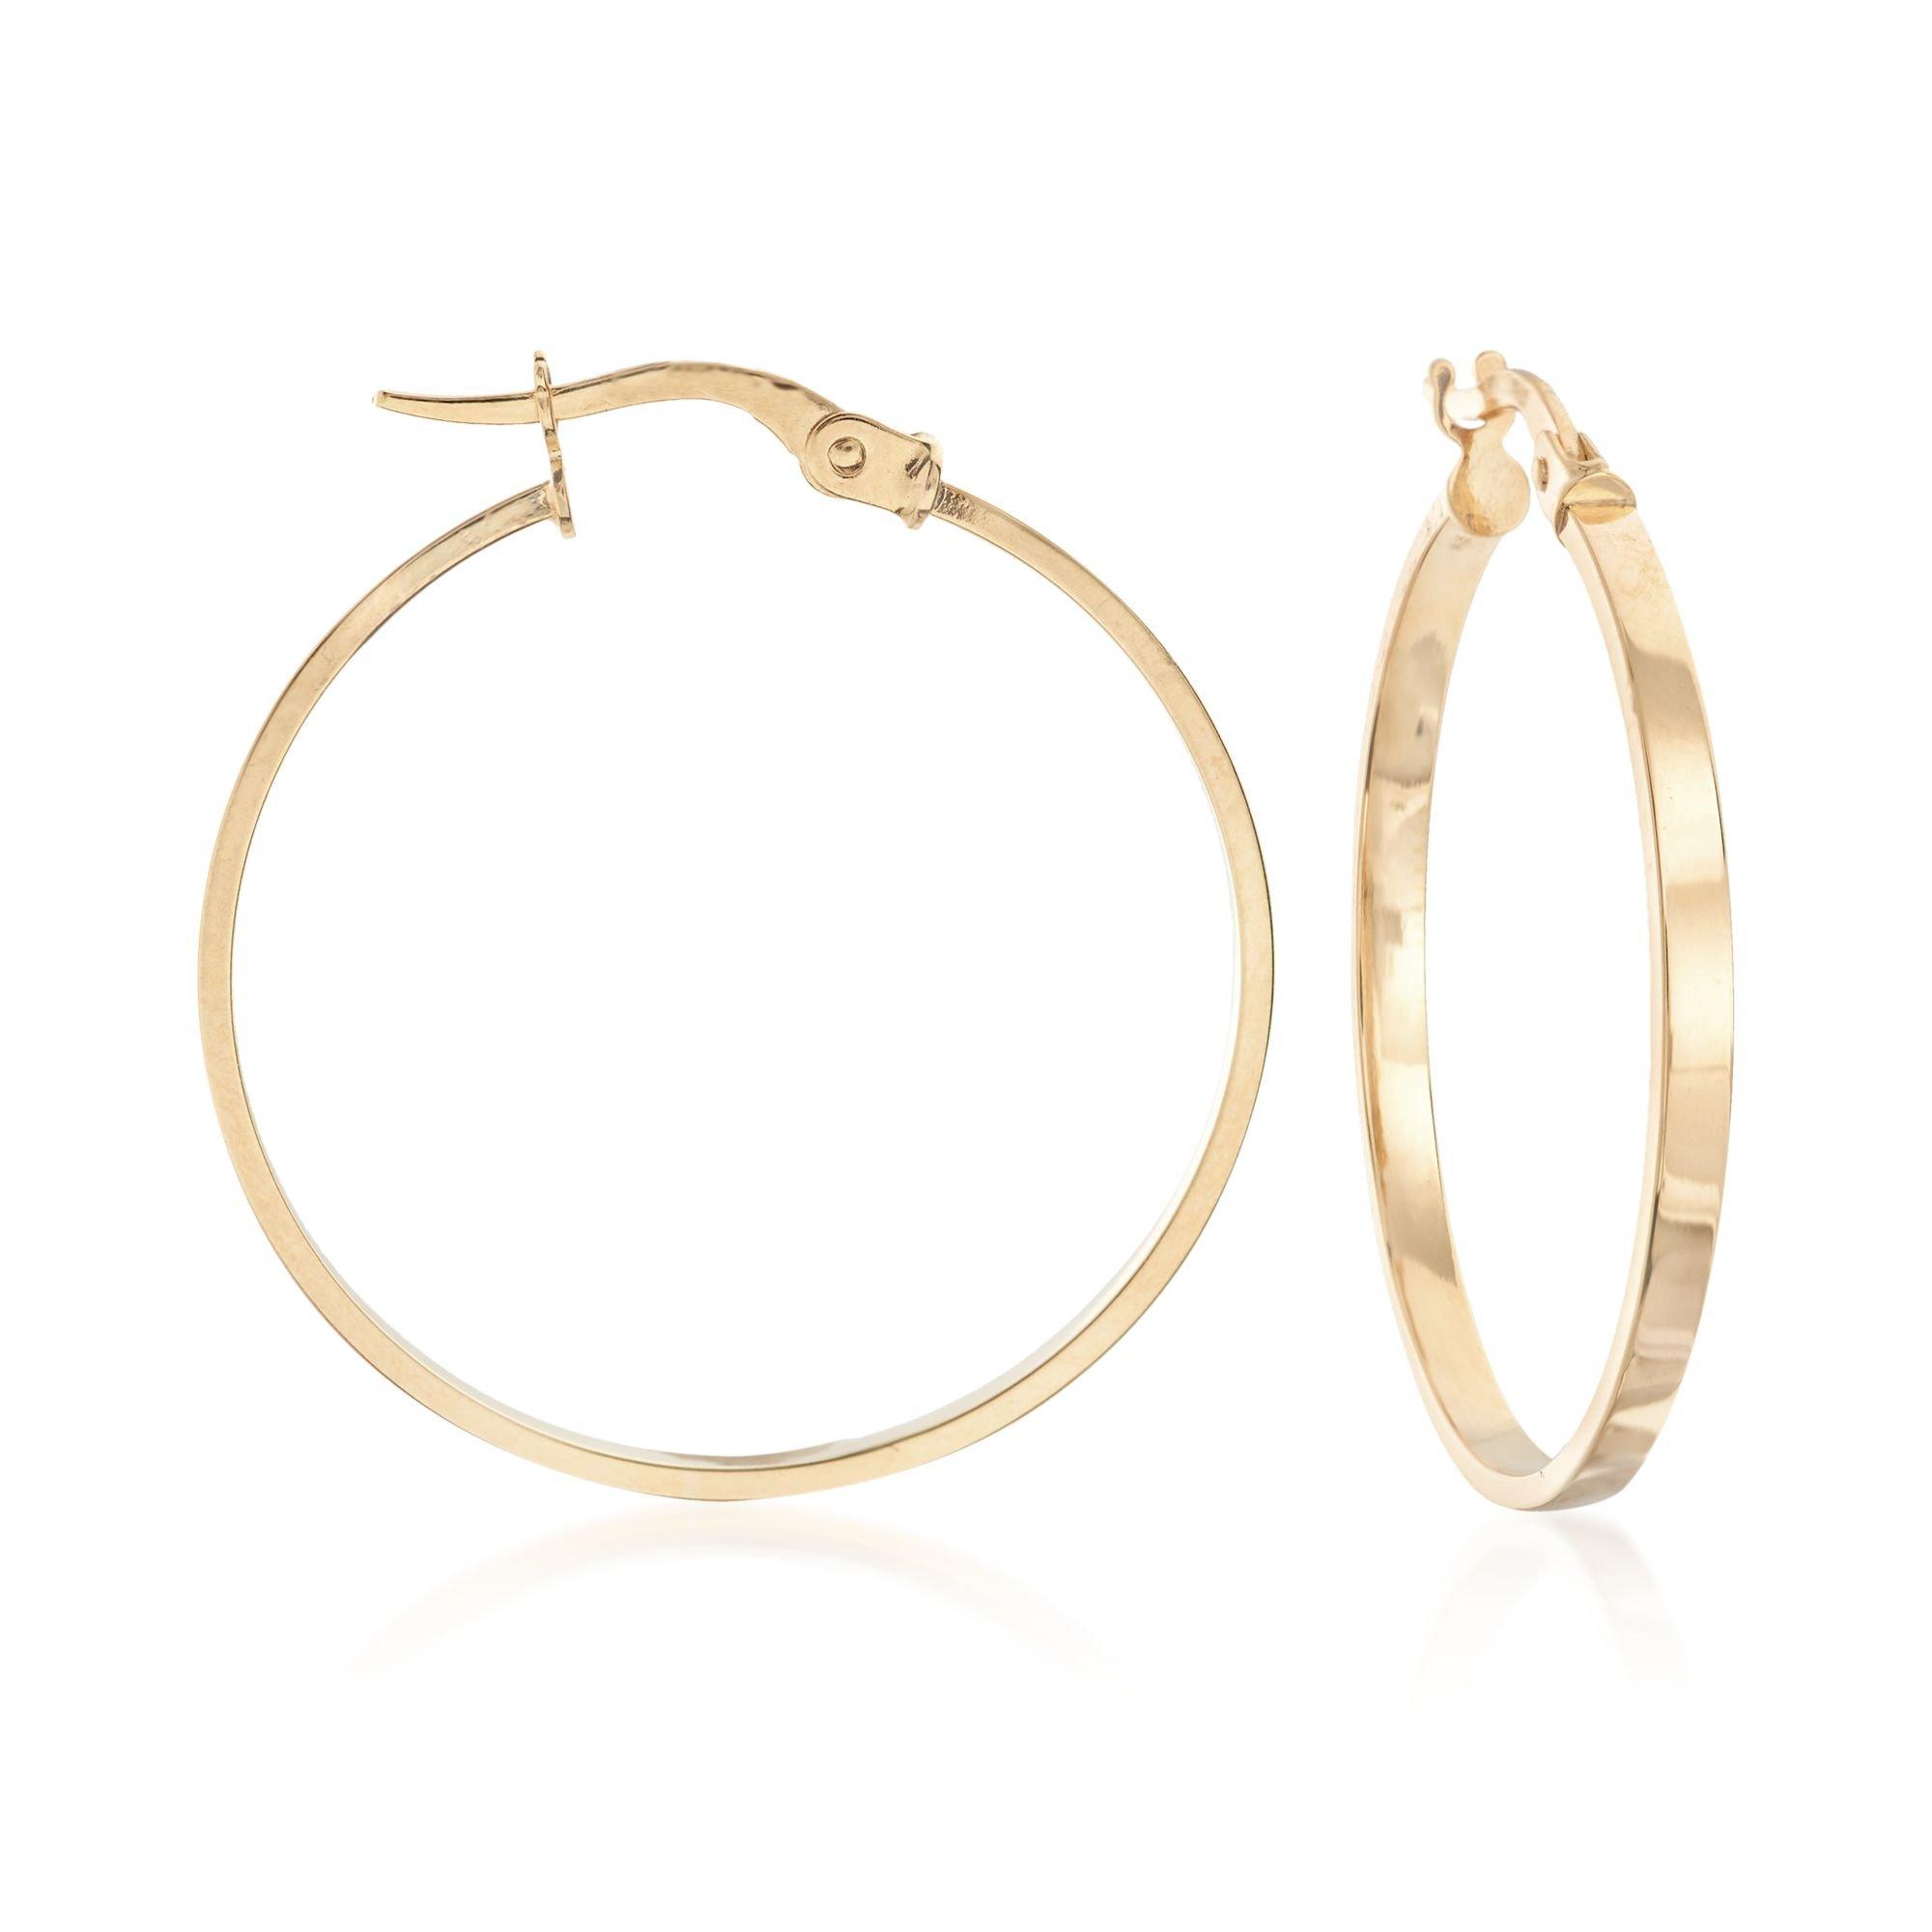 Ross-Simons Italian 14kt Yellow Gold Hoop Earrings